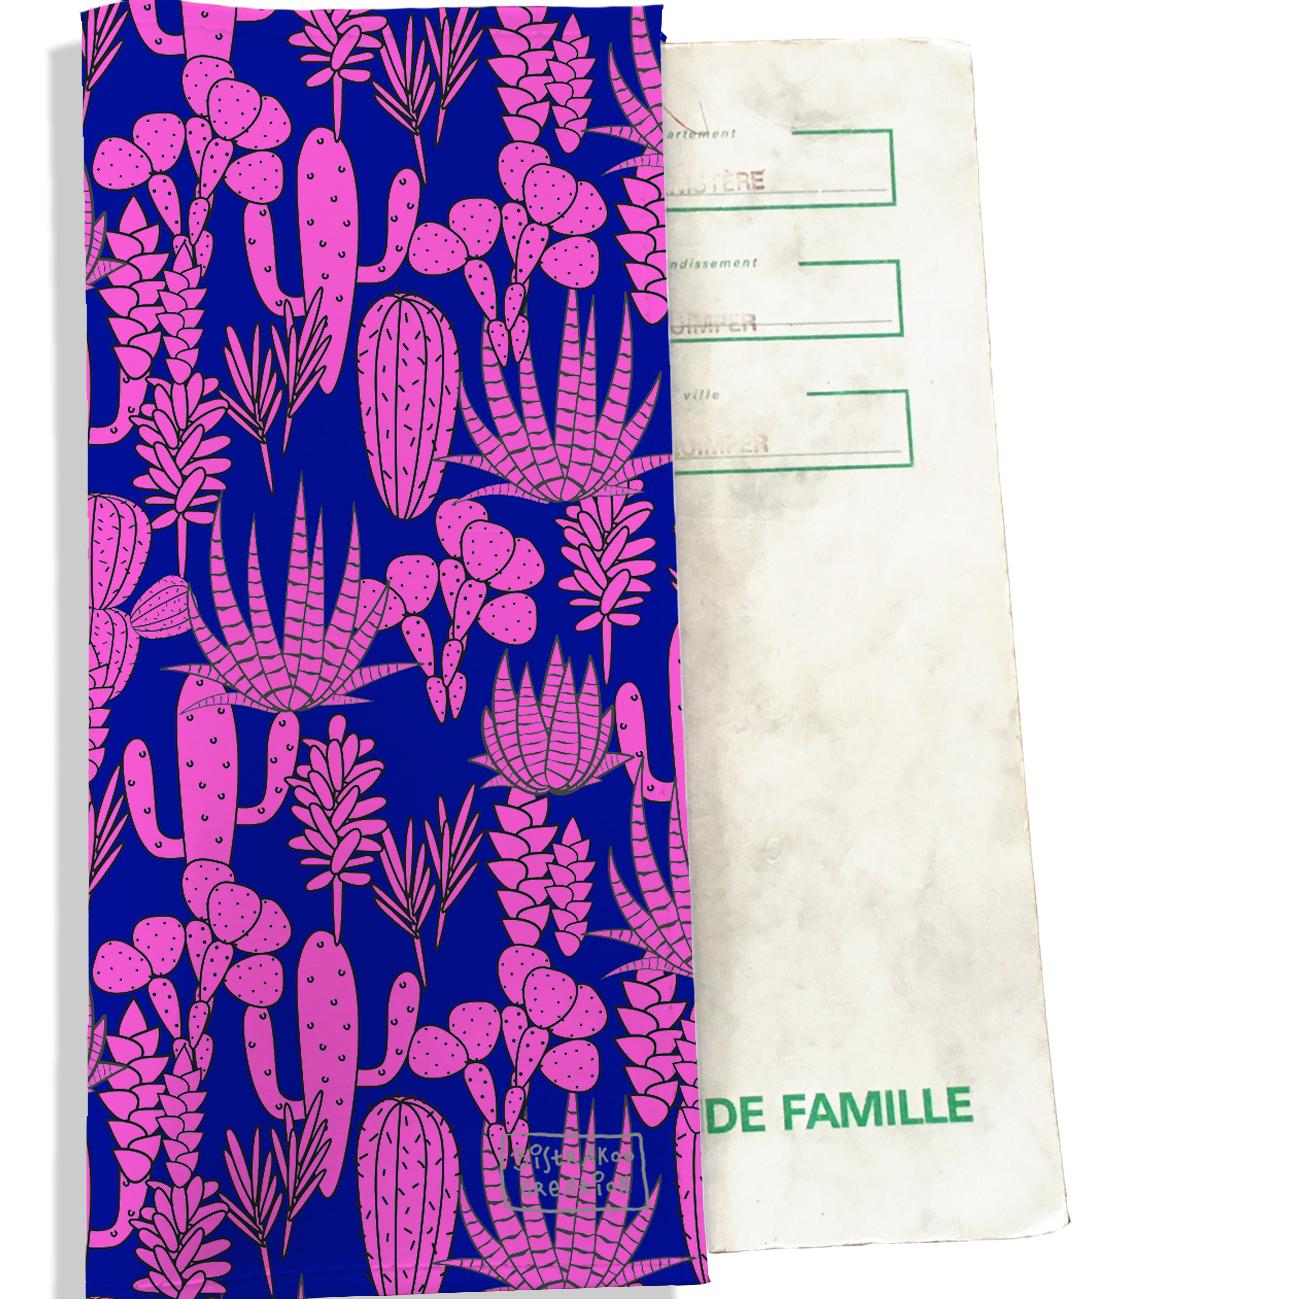 Protège livret de famille motif Cactus roses fond bleu 4085-2018